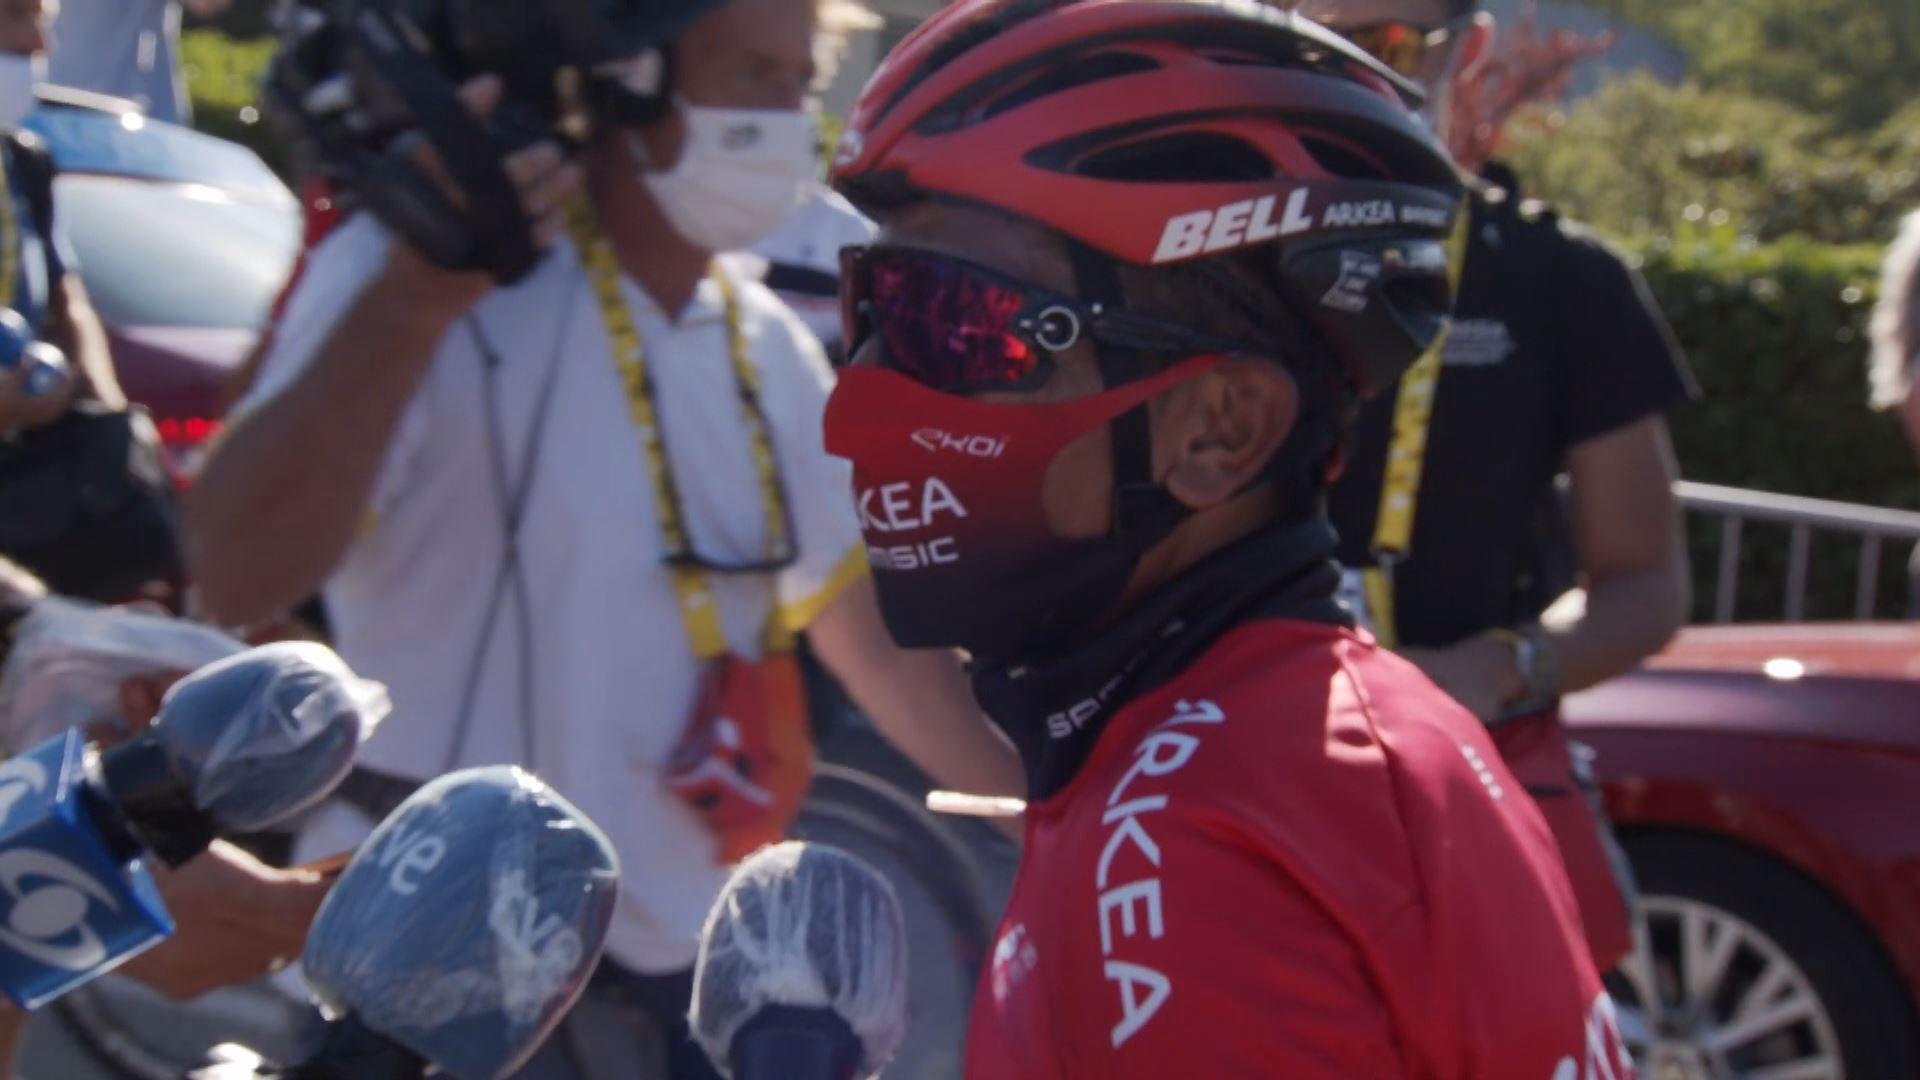 Hacer la vida Nueva llegada Poner la mesa  Vídeo: Declaraciones de Nairo Quintana tras la etapa 5 del Tour de Francia  2020 | Ciclismo | EiTB